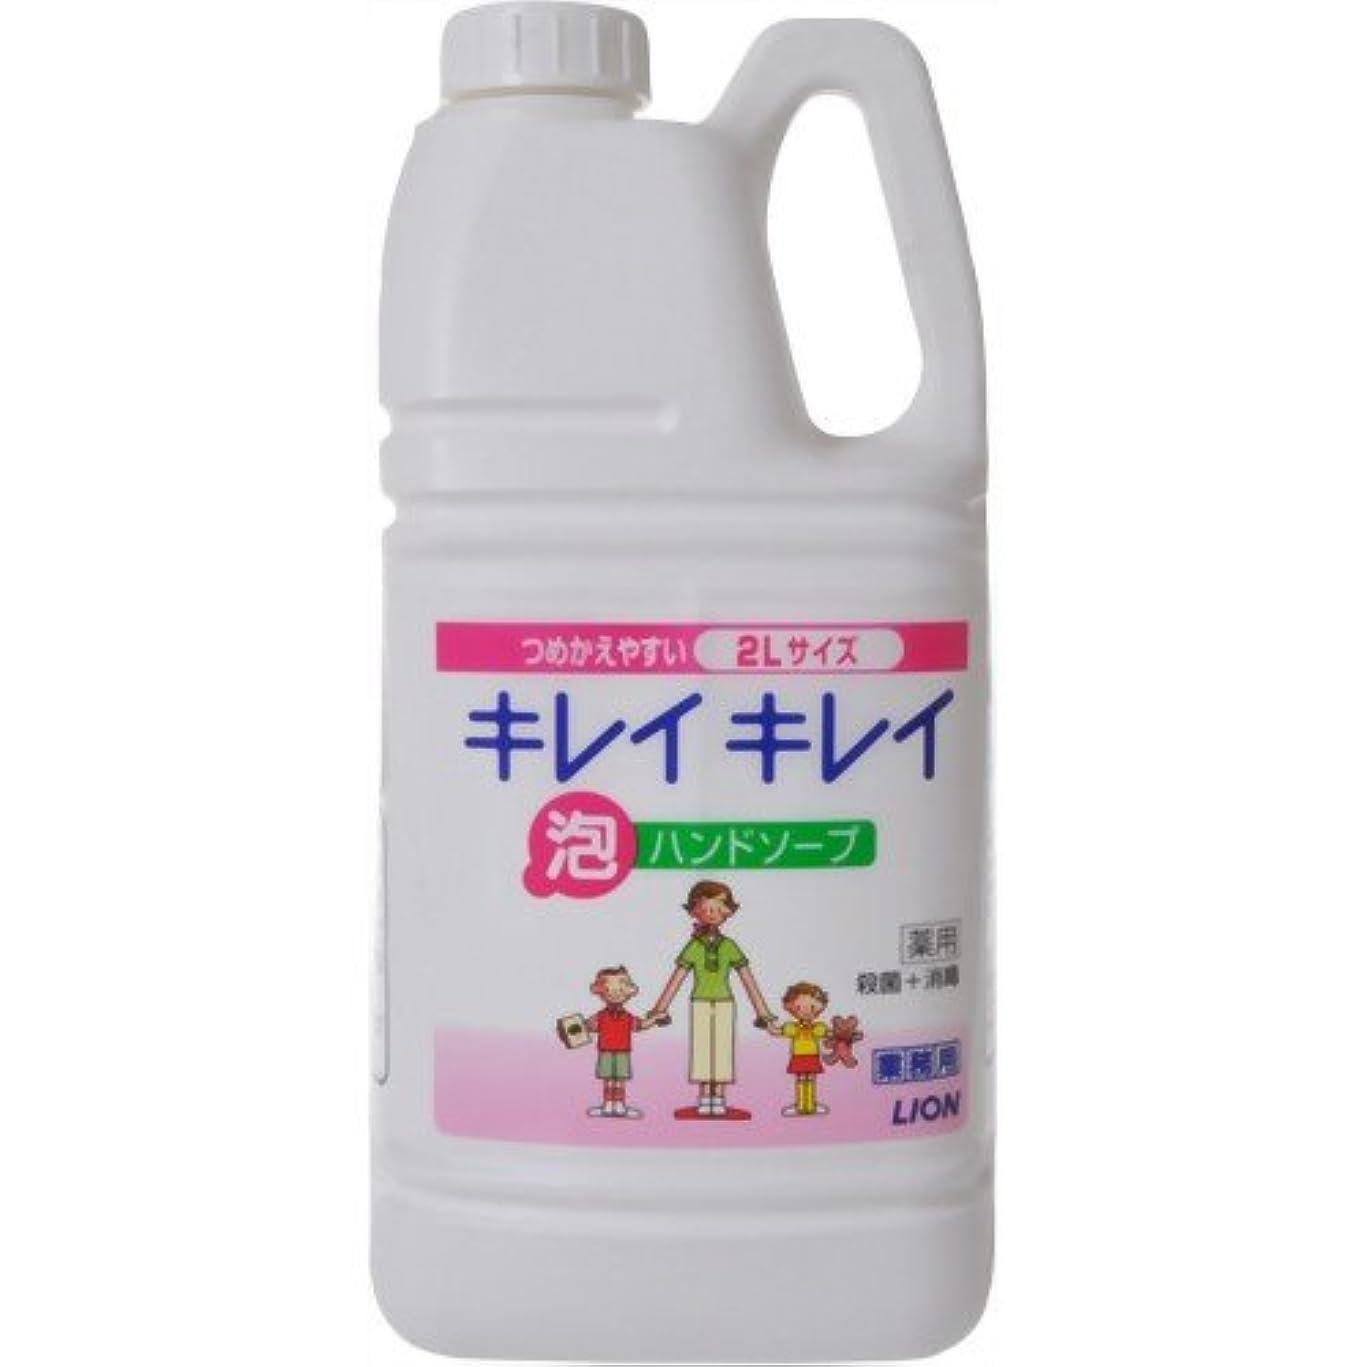 生きている第二カップキレイキレイ薬用泡ハンドソープ2L(業務用)